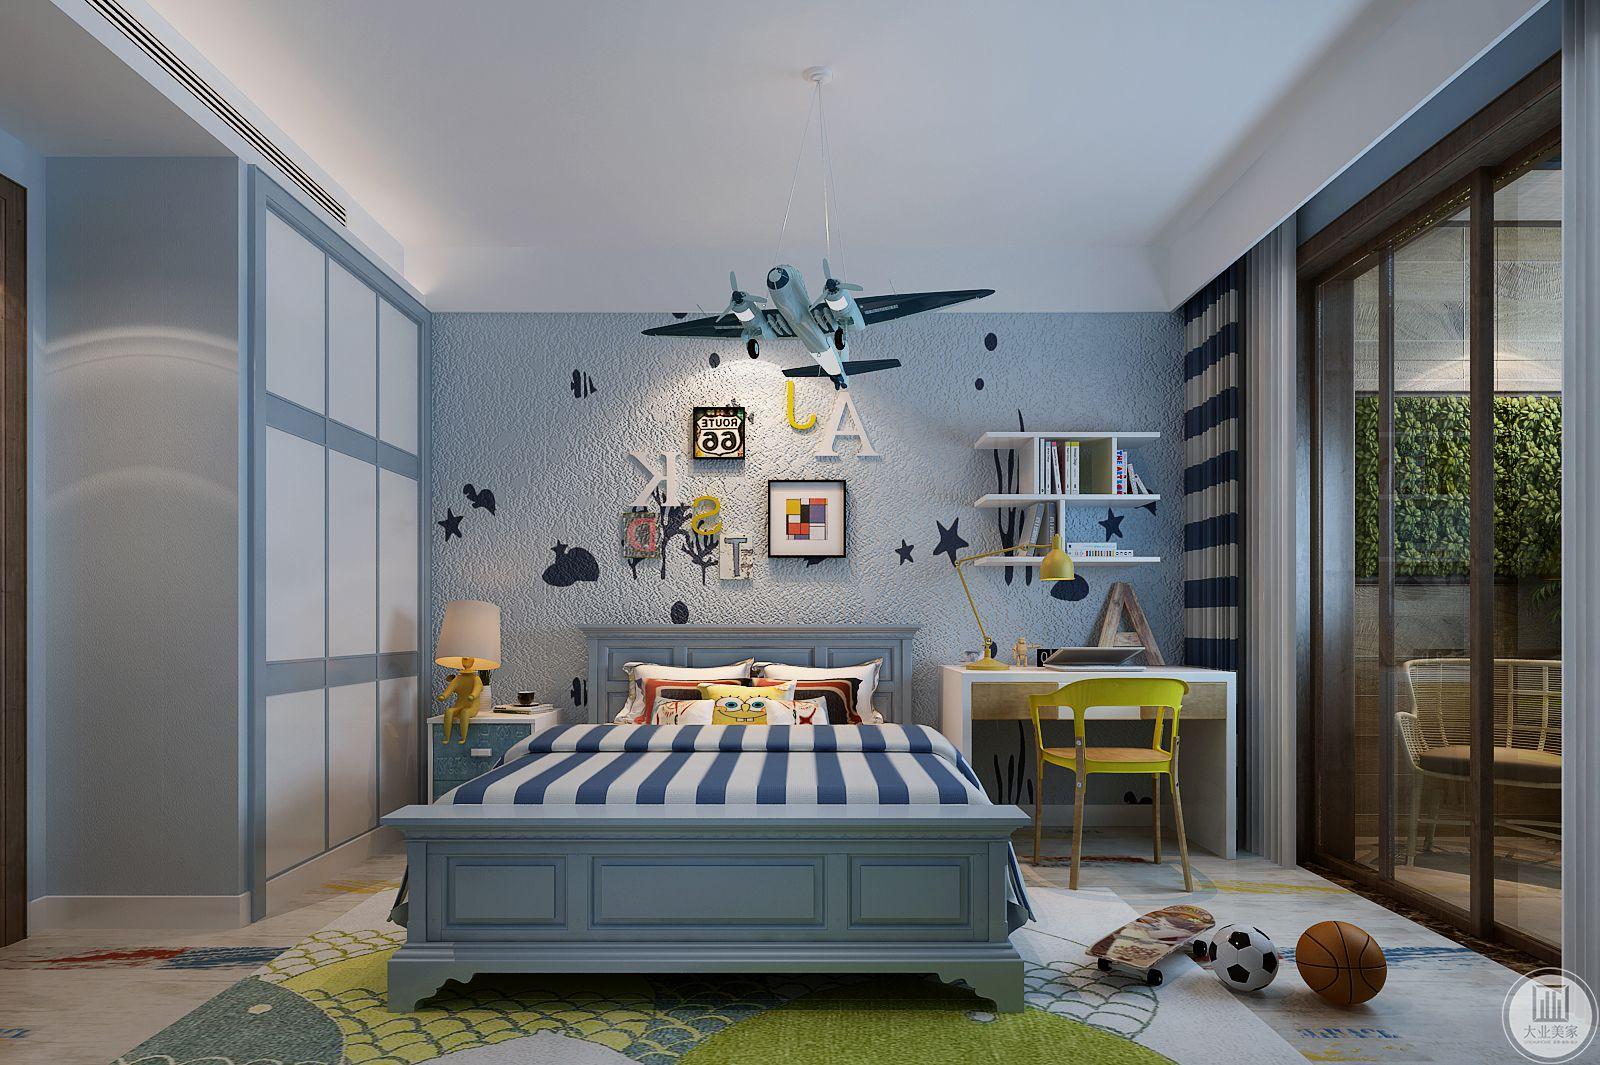 儿童房的整体装饰采用浅蓝色,一侧是床头柜,另一侧添置书桌既不耽误休息,又不耽误学习,